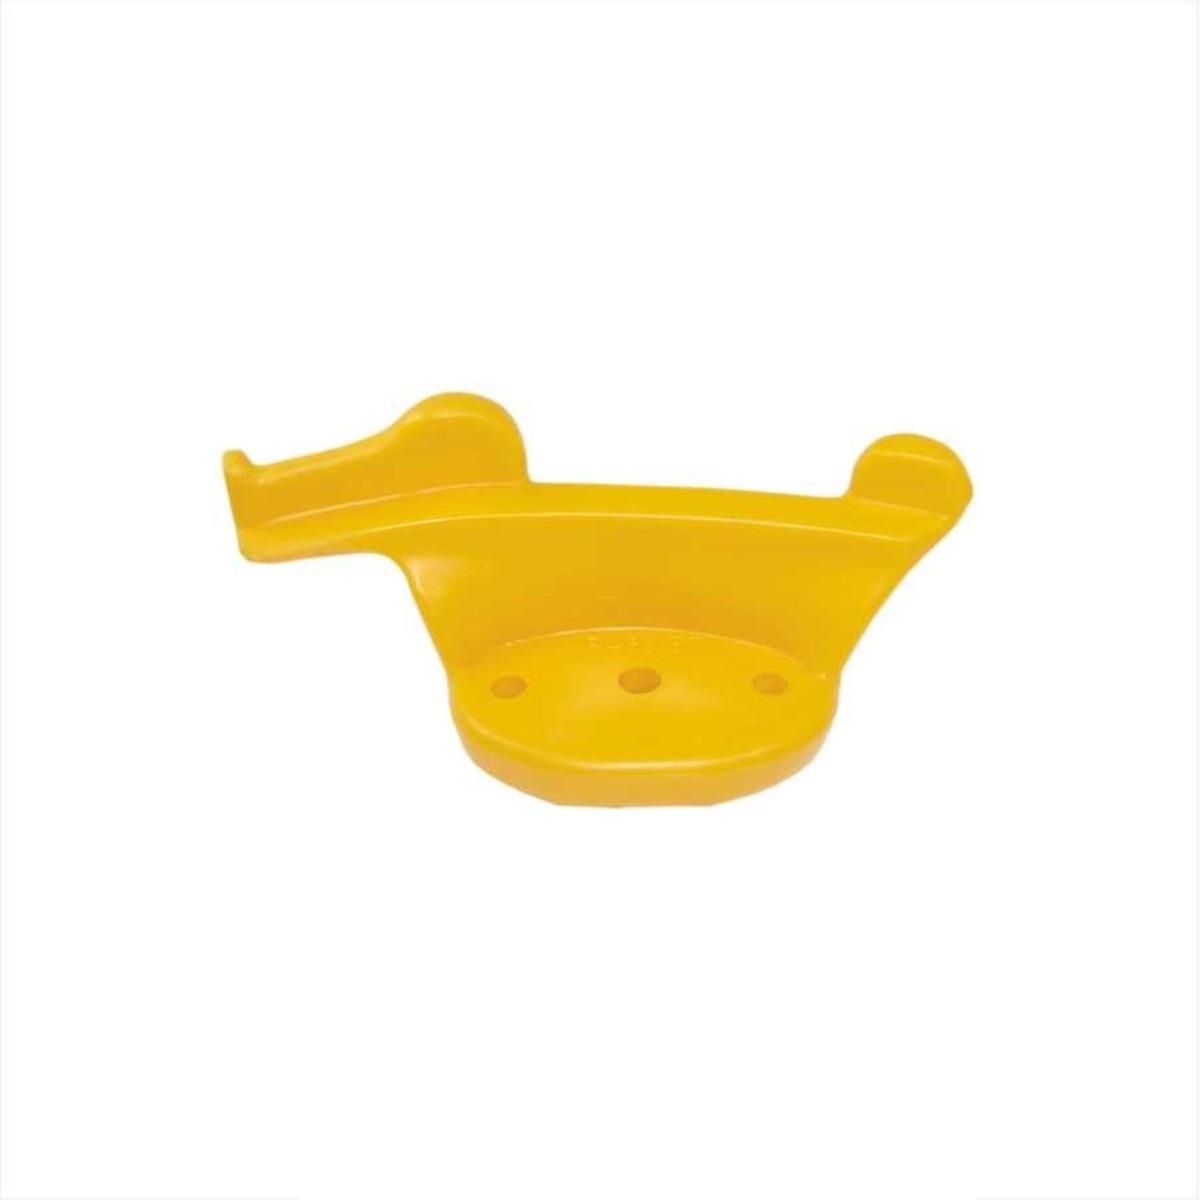 Zouvací hlava plast, pro zouvačky pneumatik, univerzální, žlutá